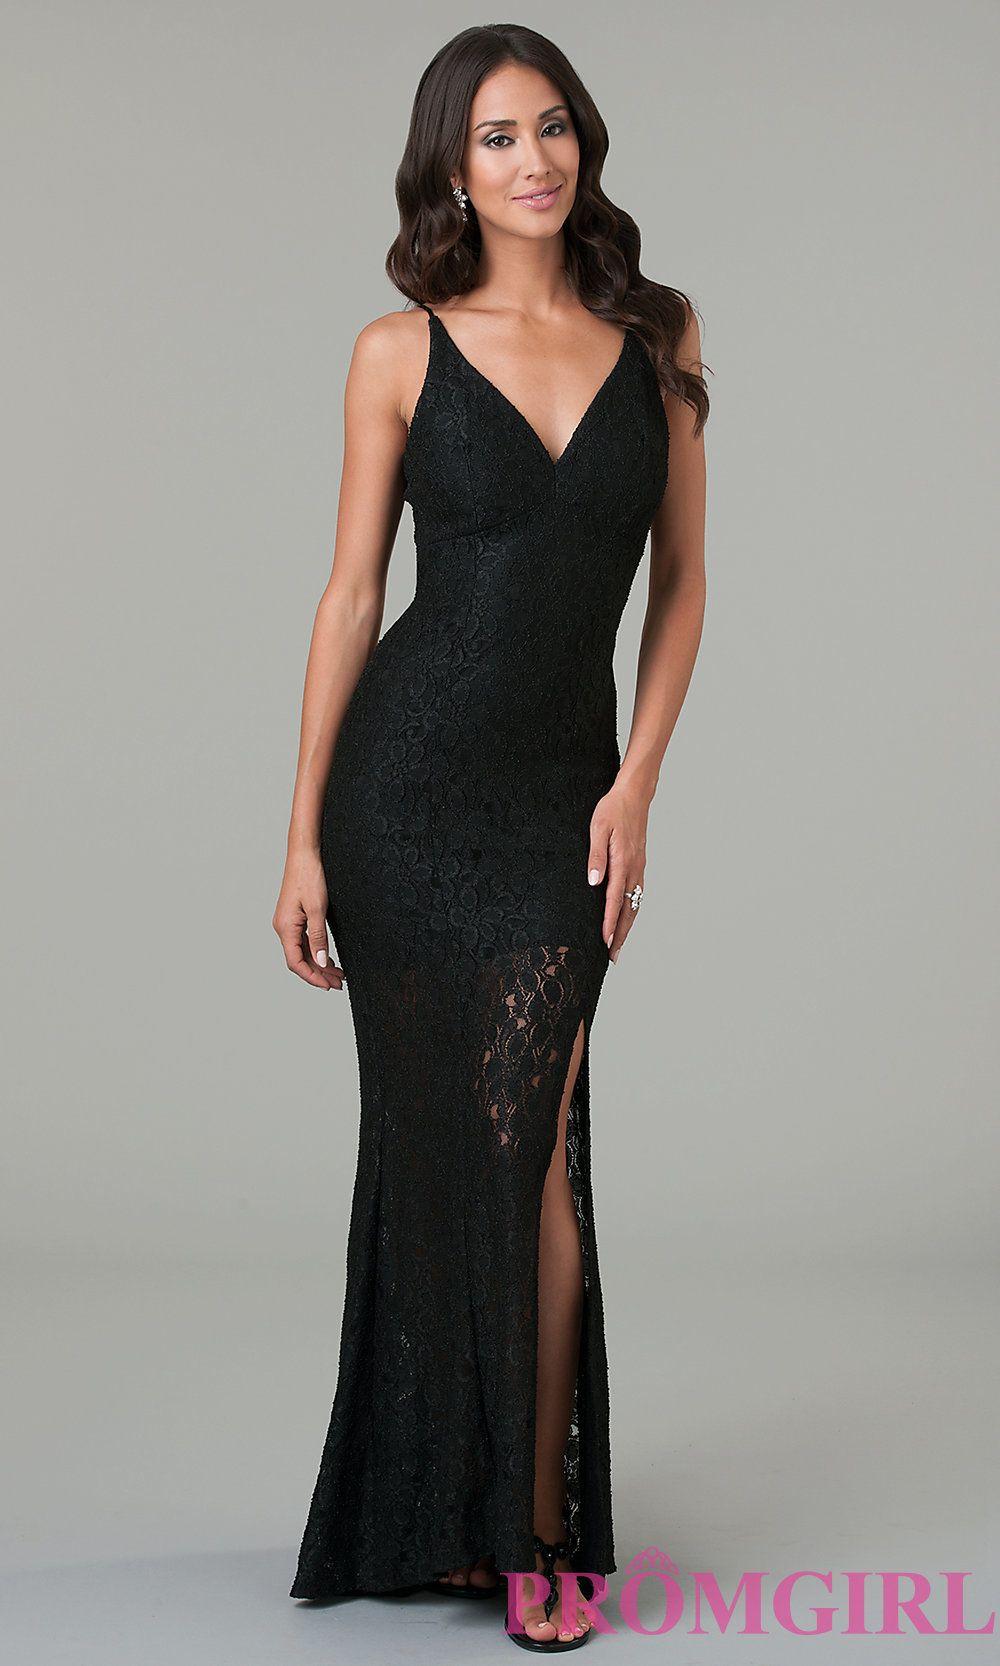 39a2d843d Long Black Lace Dress Promgirl